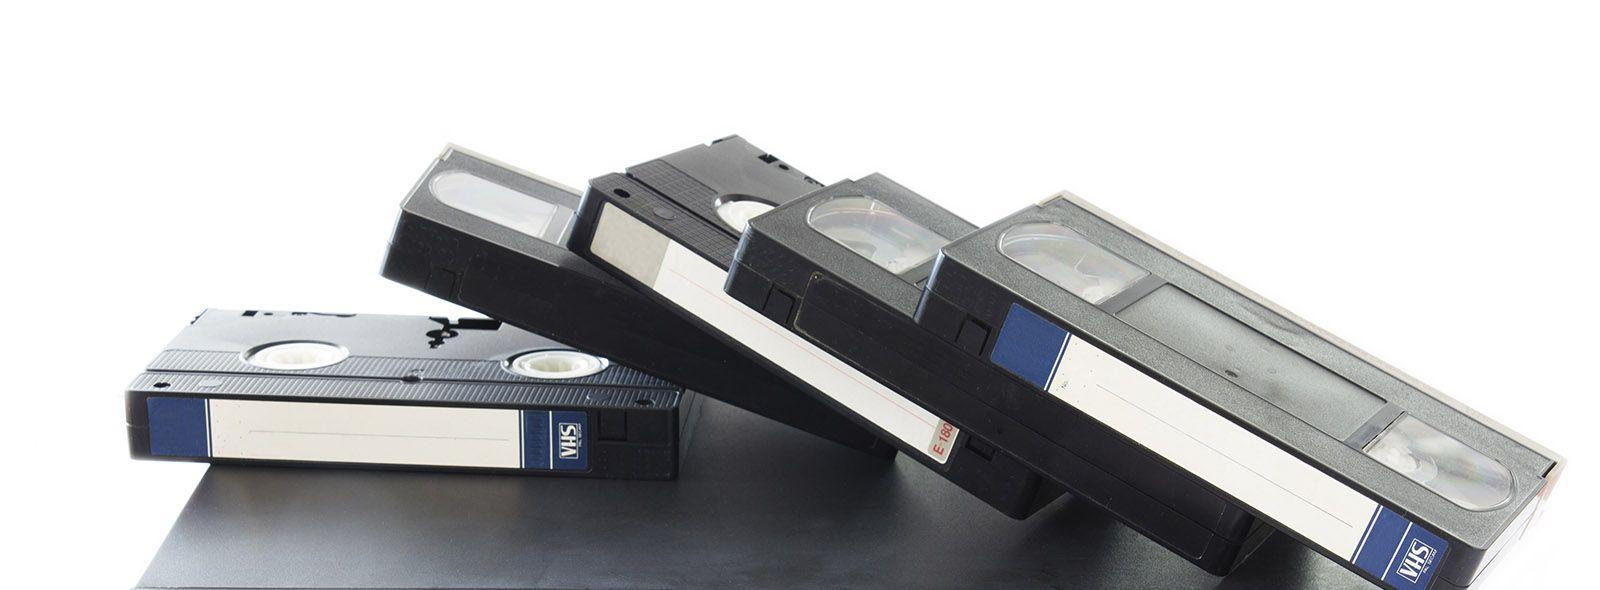 Come riciclare le videocassette